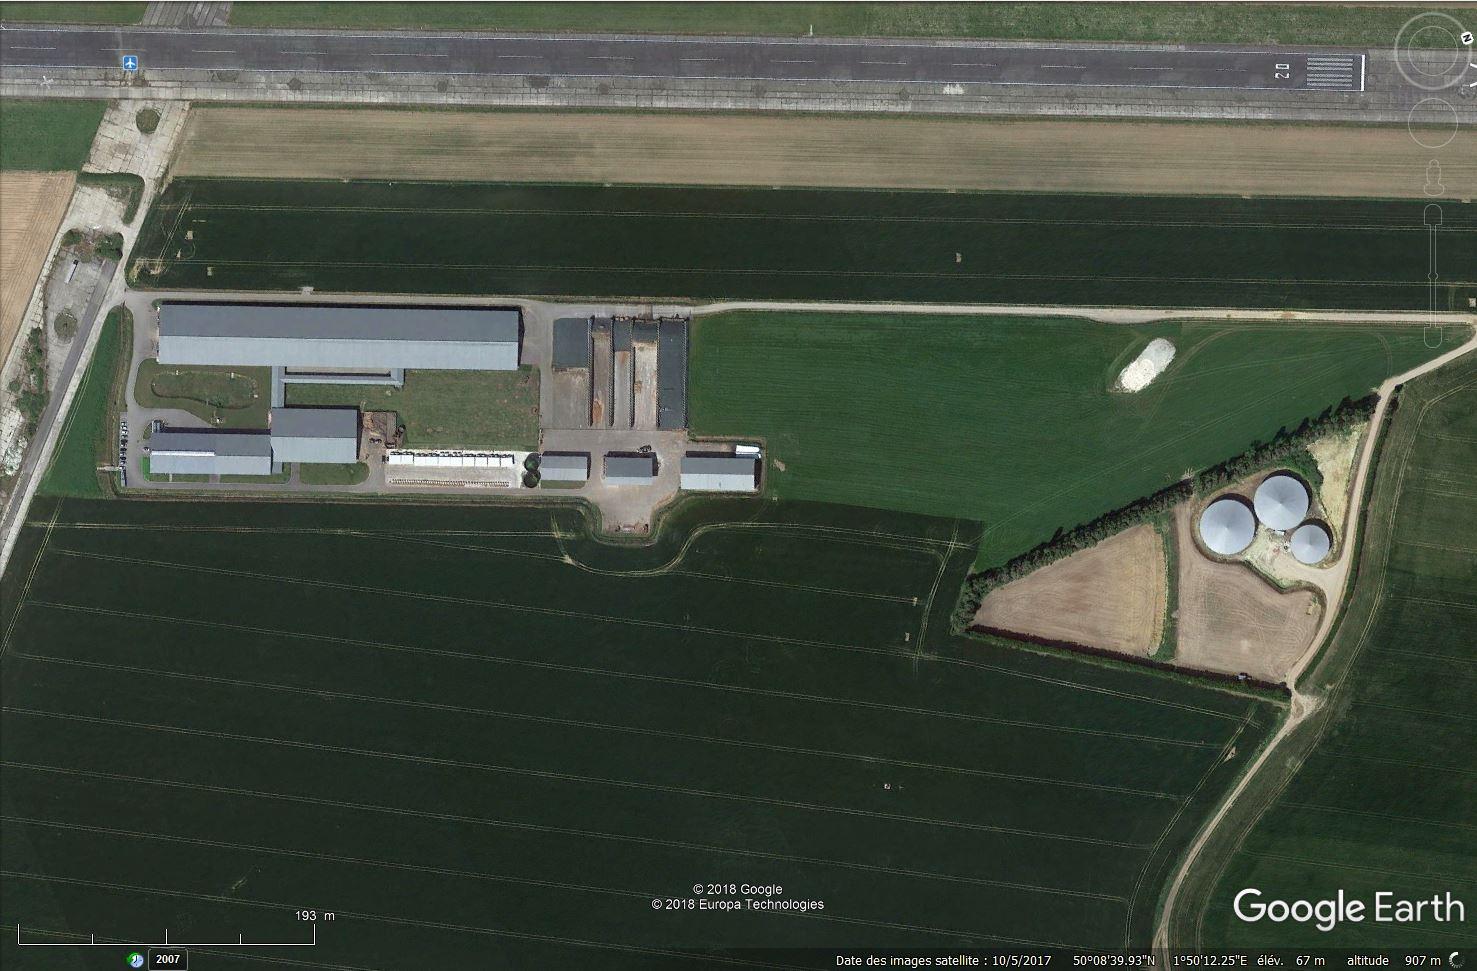 [Désormais visible sur Google Earth] - La future ferme aux mille vaches Tsge_085